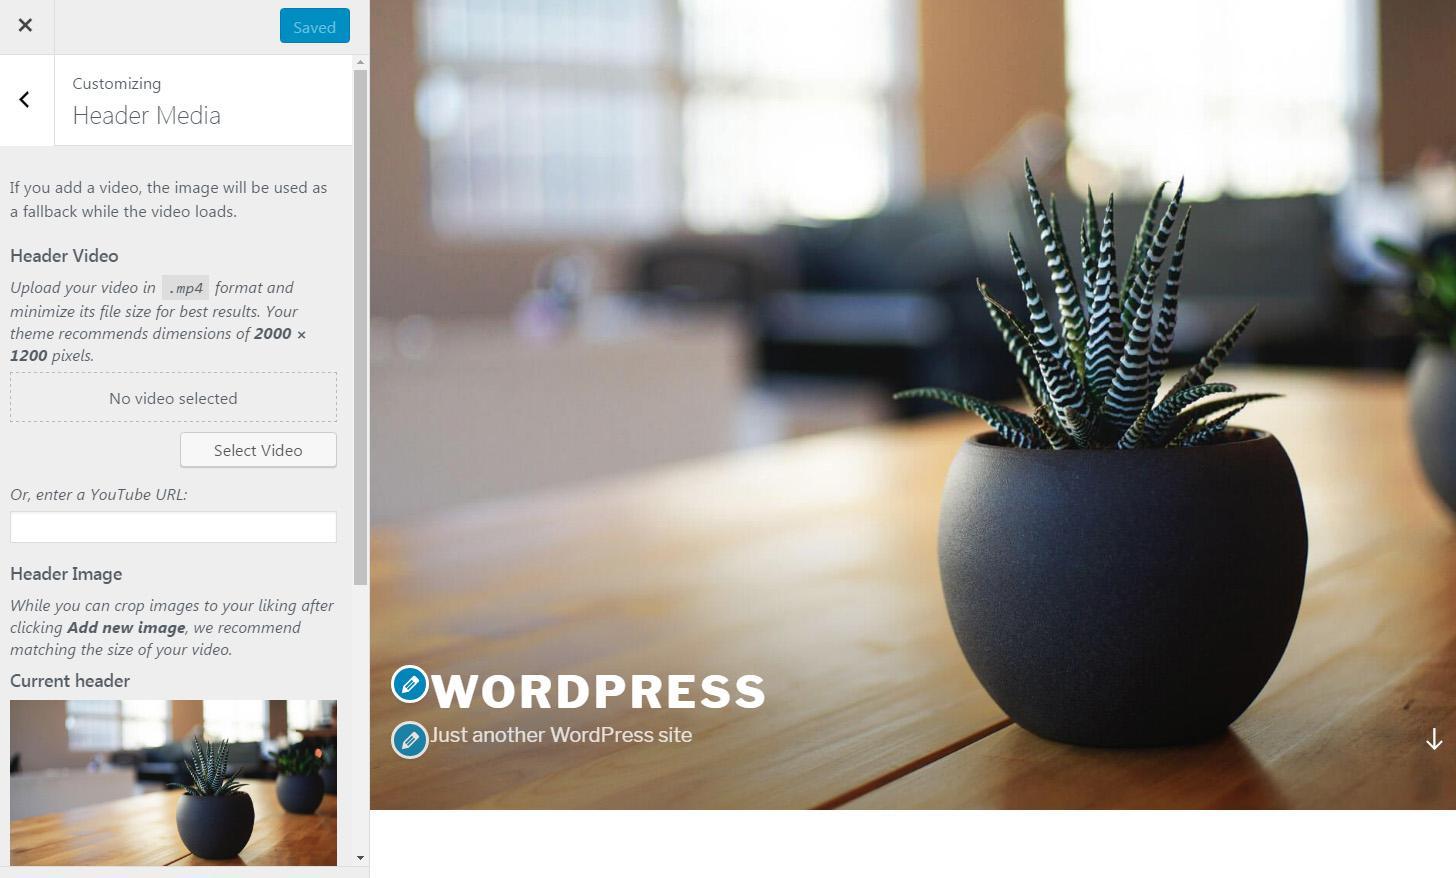 Узнайте, как создать собственный заголовок WordPress